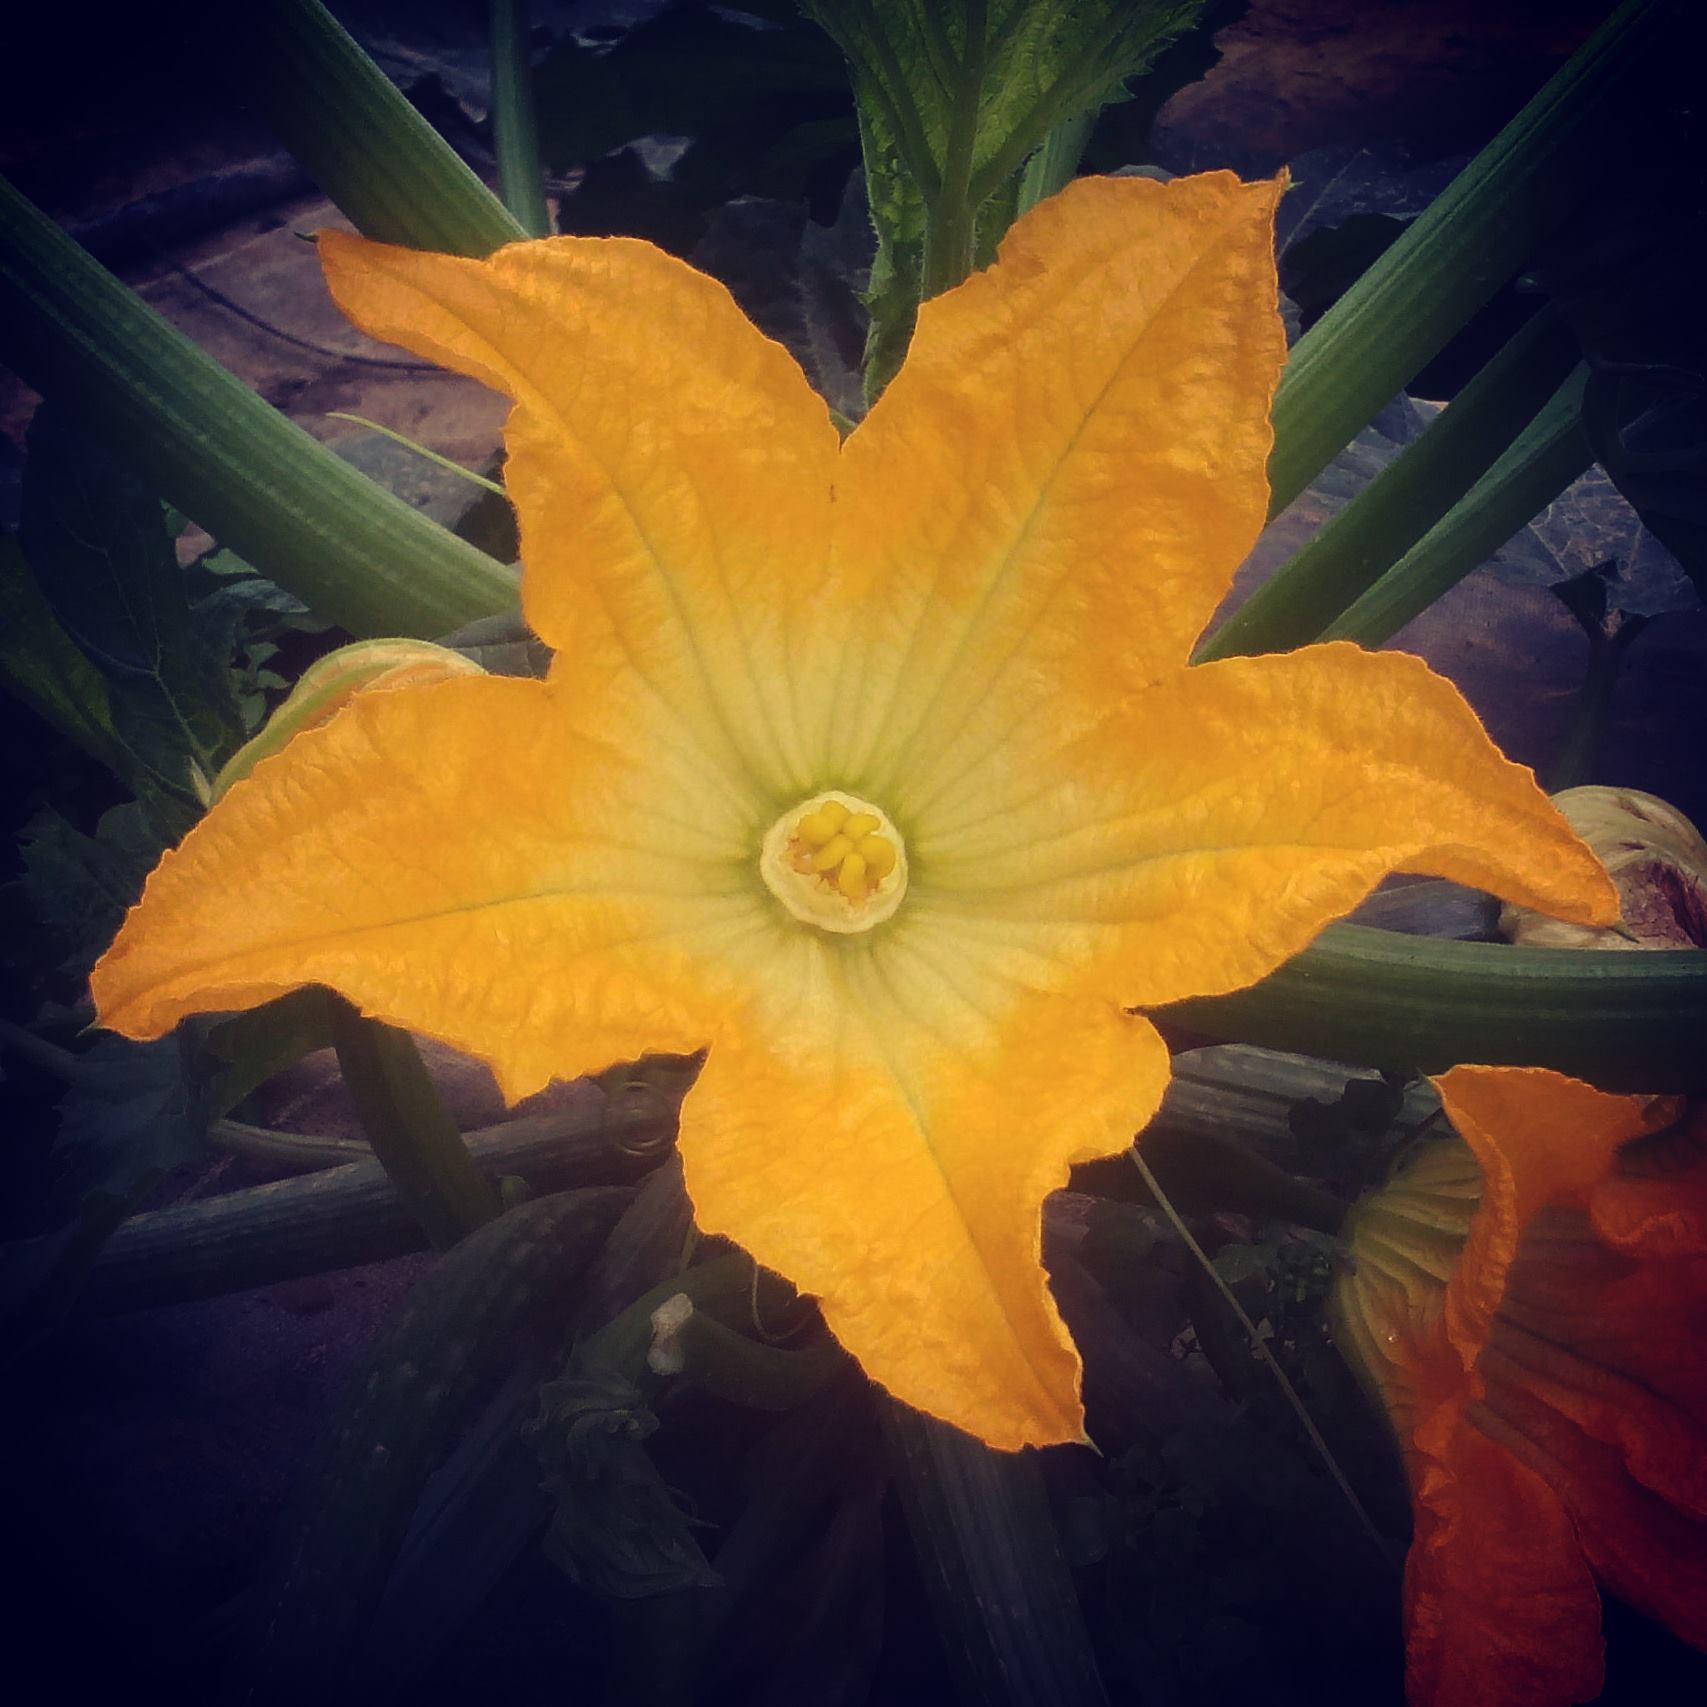 Courgette en fleur